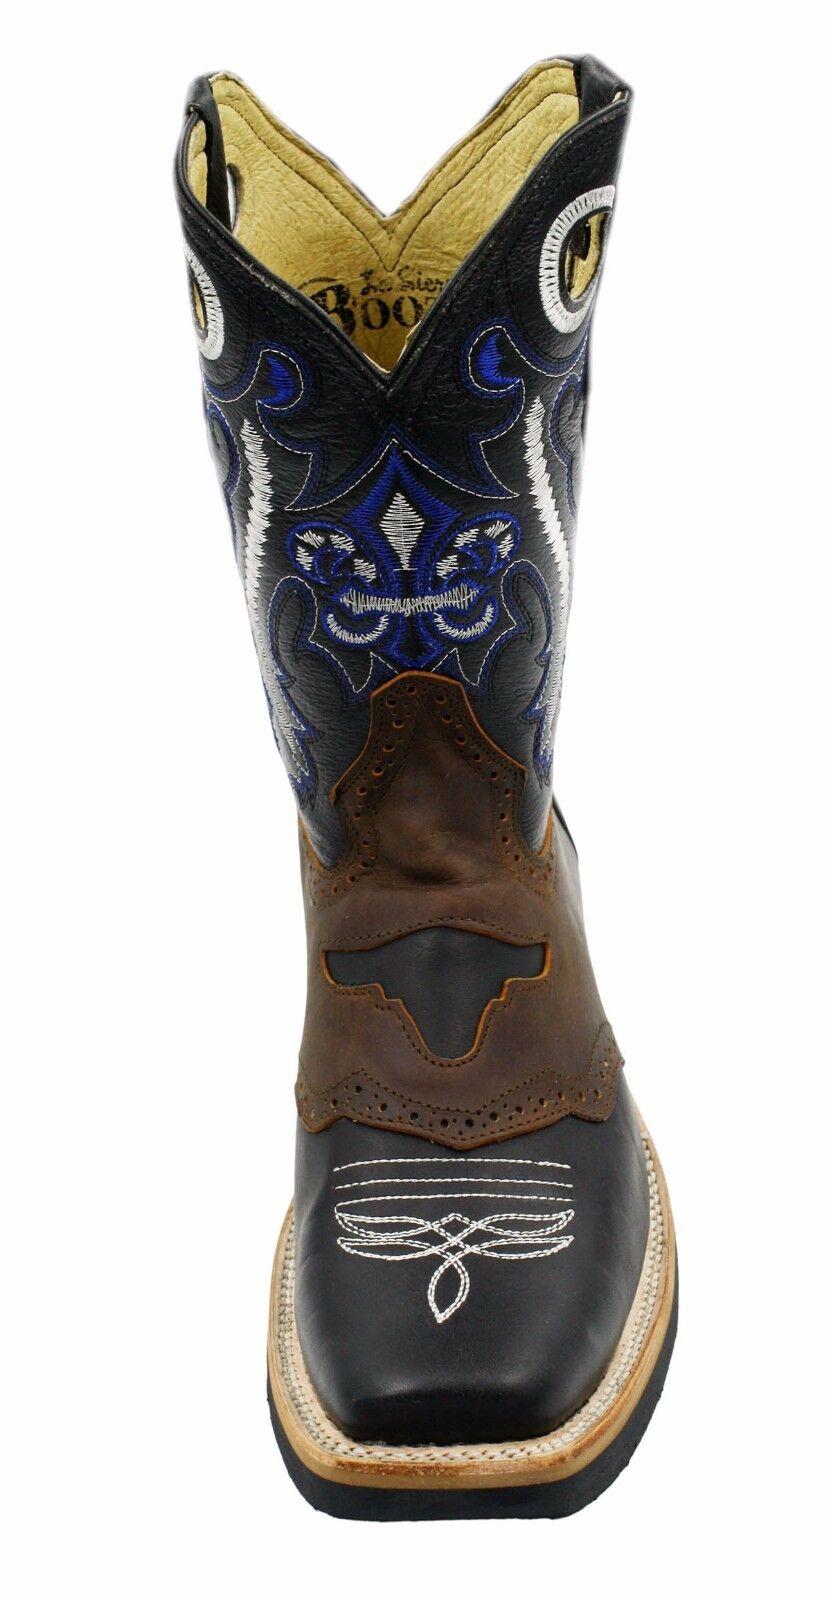 Para hombres Cuero Genuino Negro Botas De Occidental Vaquero Rodeo Occidental De Estilo CAR700 3873d9